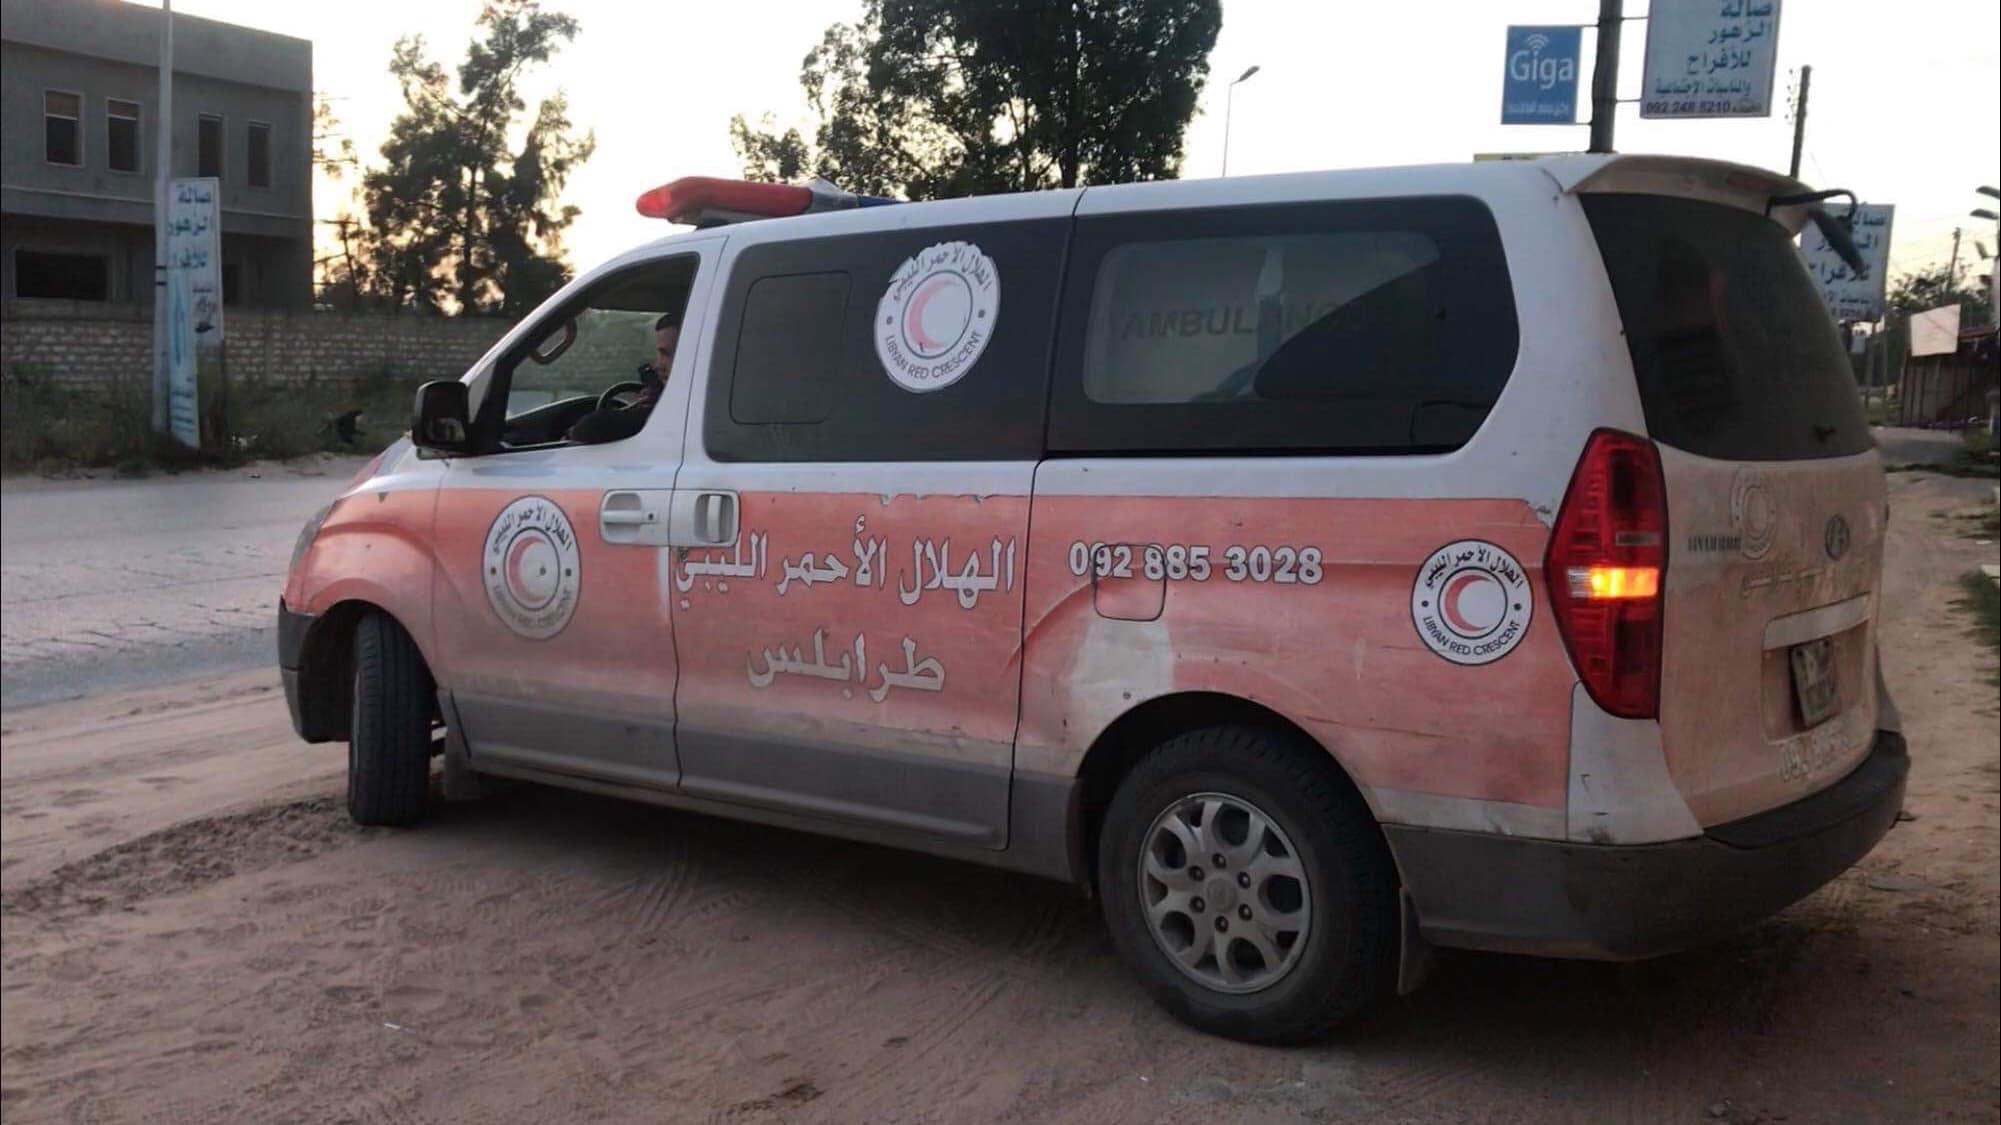 الهلال والصليب الأحمر يُجددون دعوتهم لحماية المدنيين